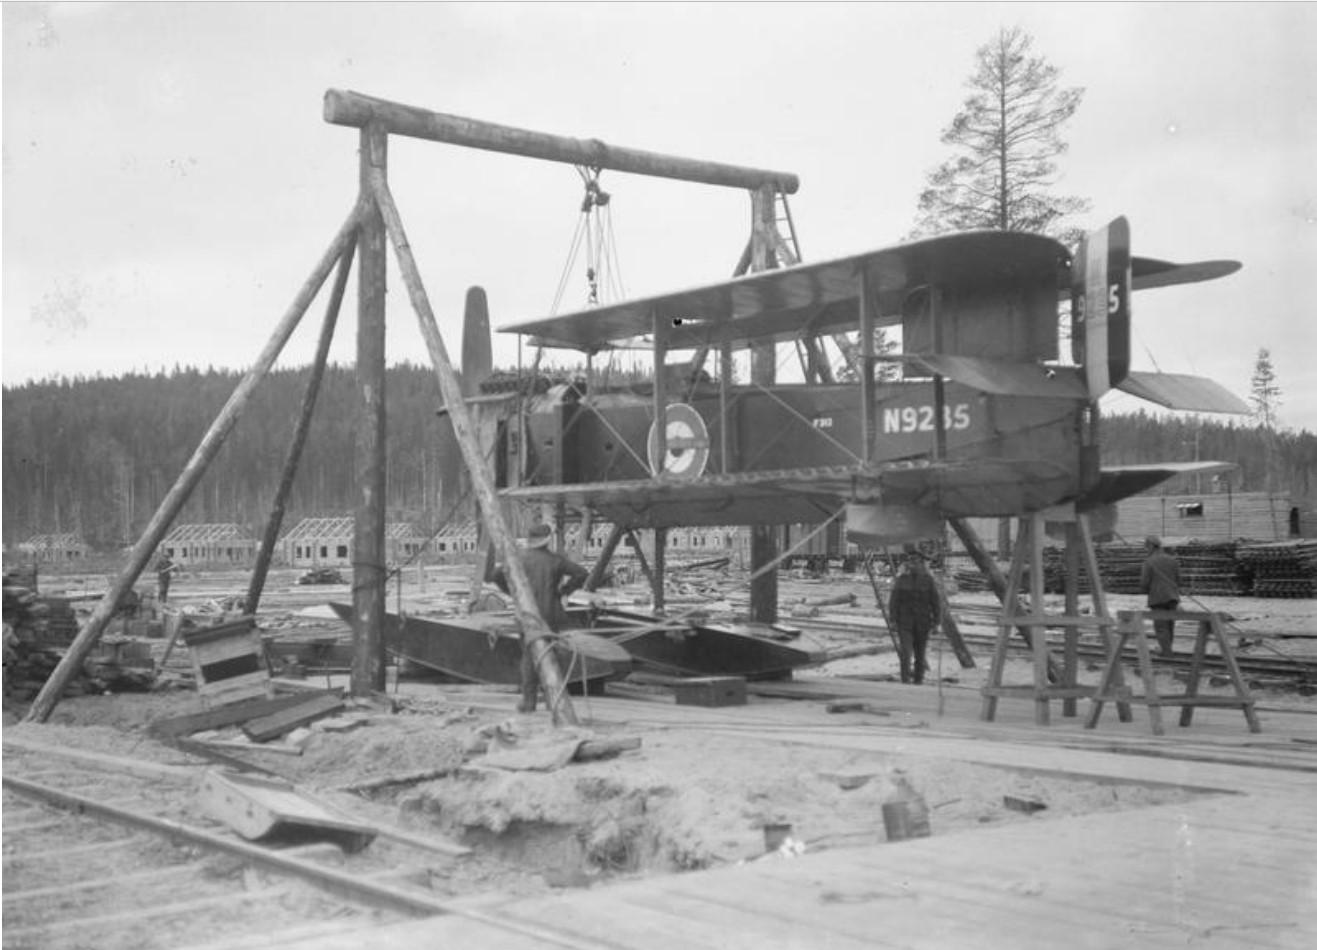 1919. Гидросамолет Fairy 3c проходит техническое обслуживание вблизи Онежского озера, Медвежья Гора